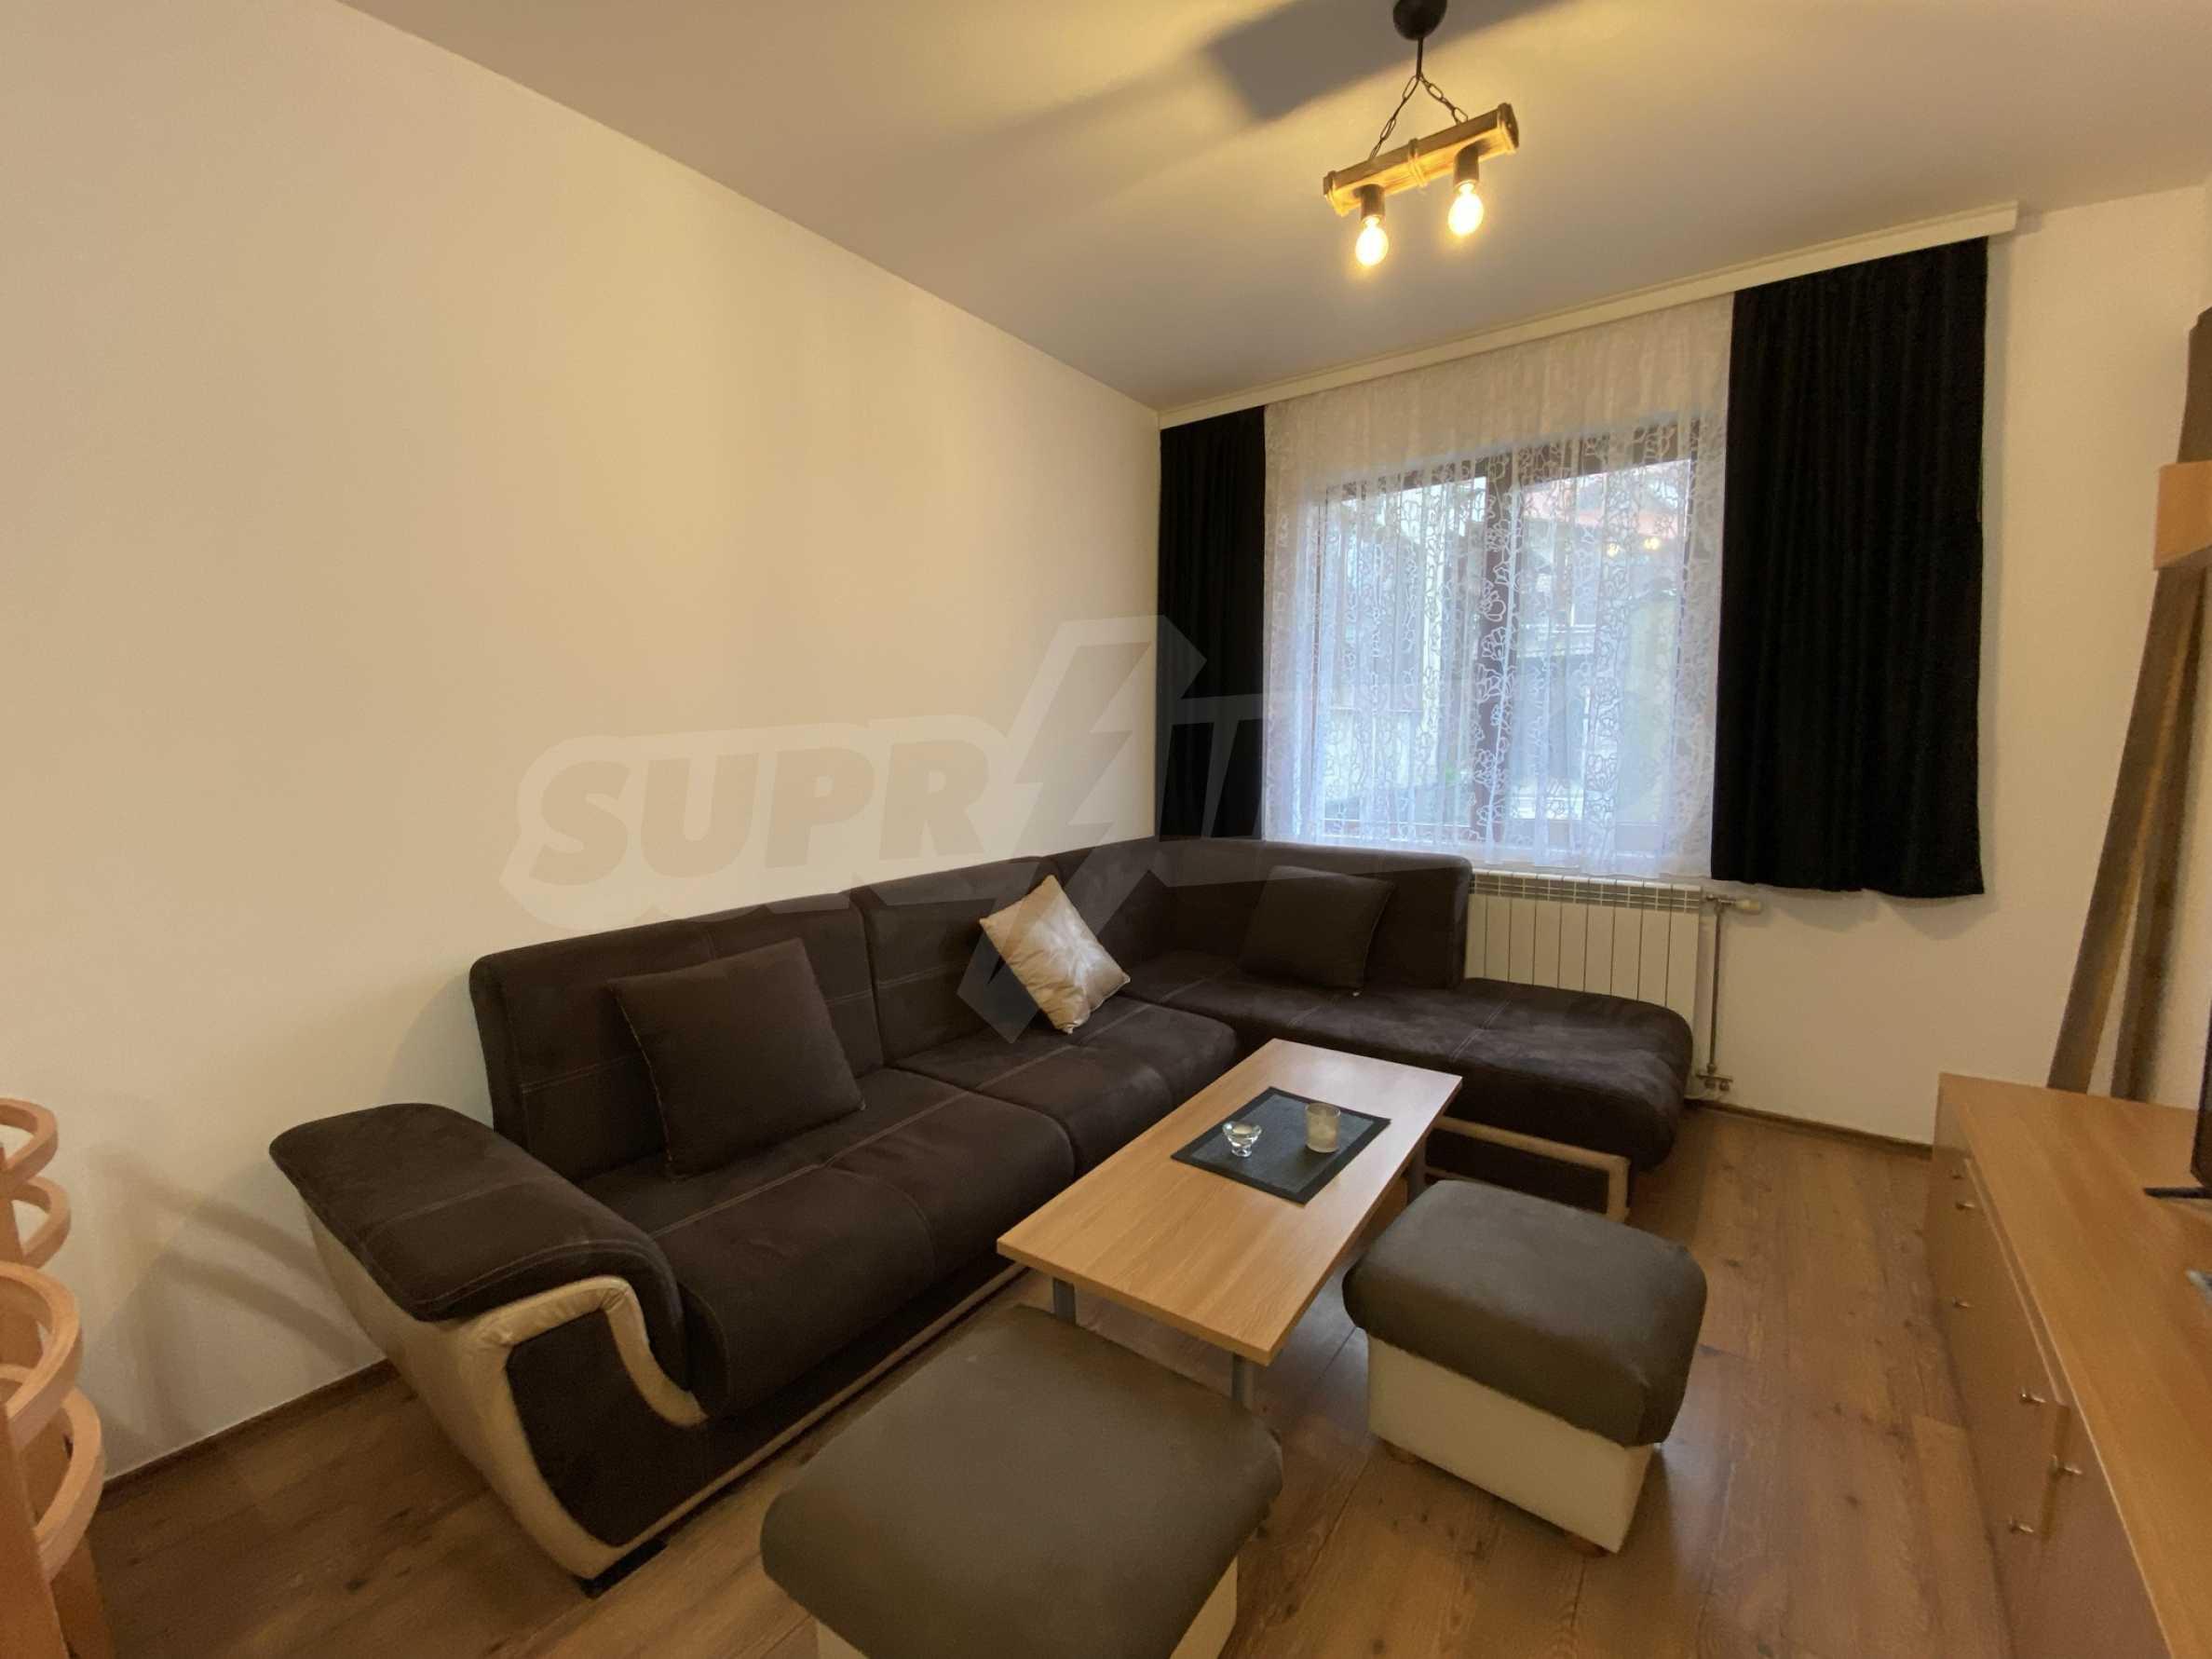 Apartment mit zwei Schlafzimmern zum Verkauf in der Nähe des Skigebiets in Bansko 10